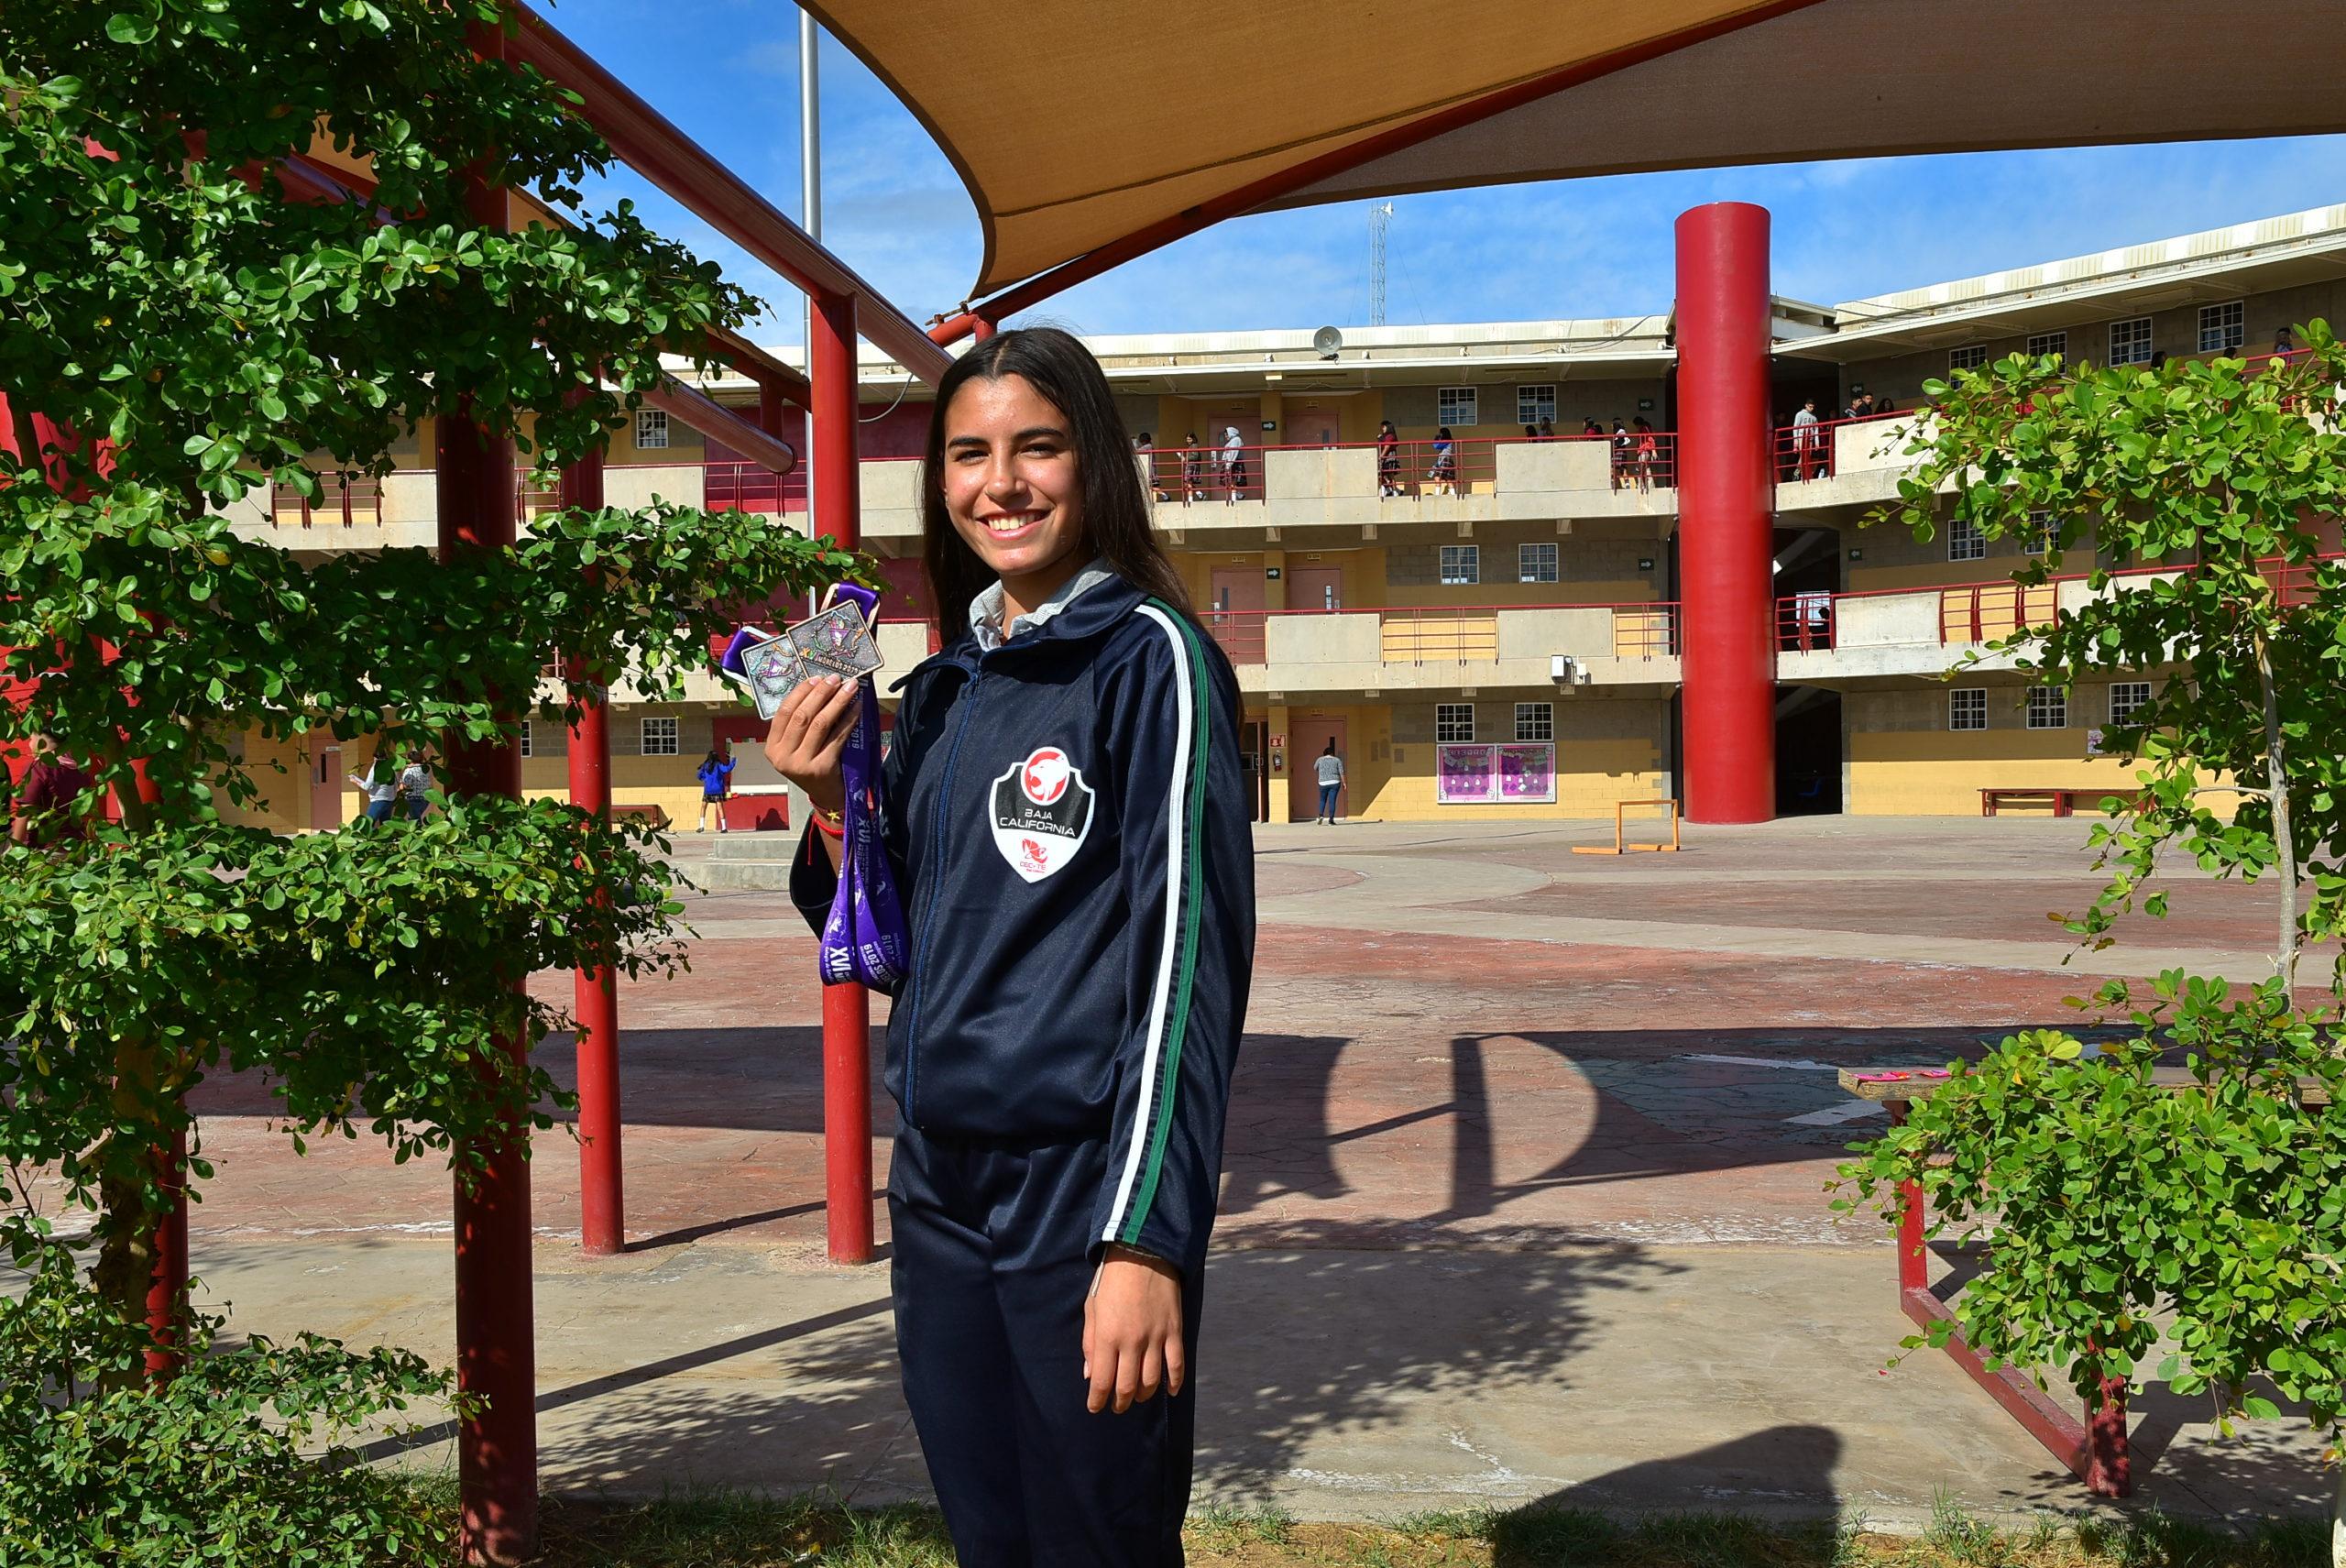 Destaca alumna de CECyTE en atletismo